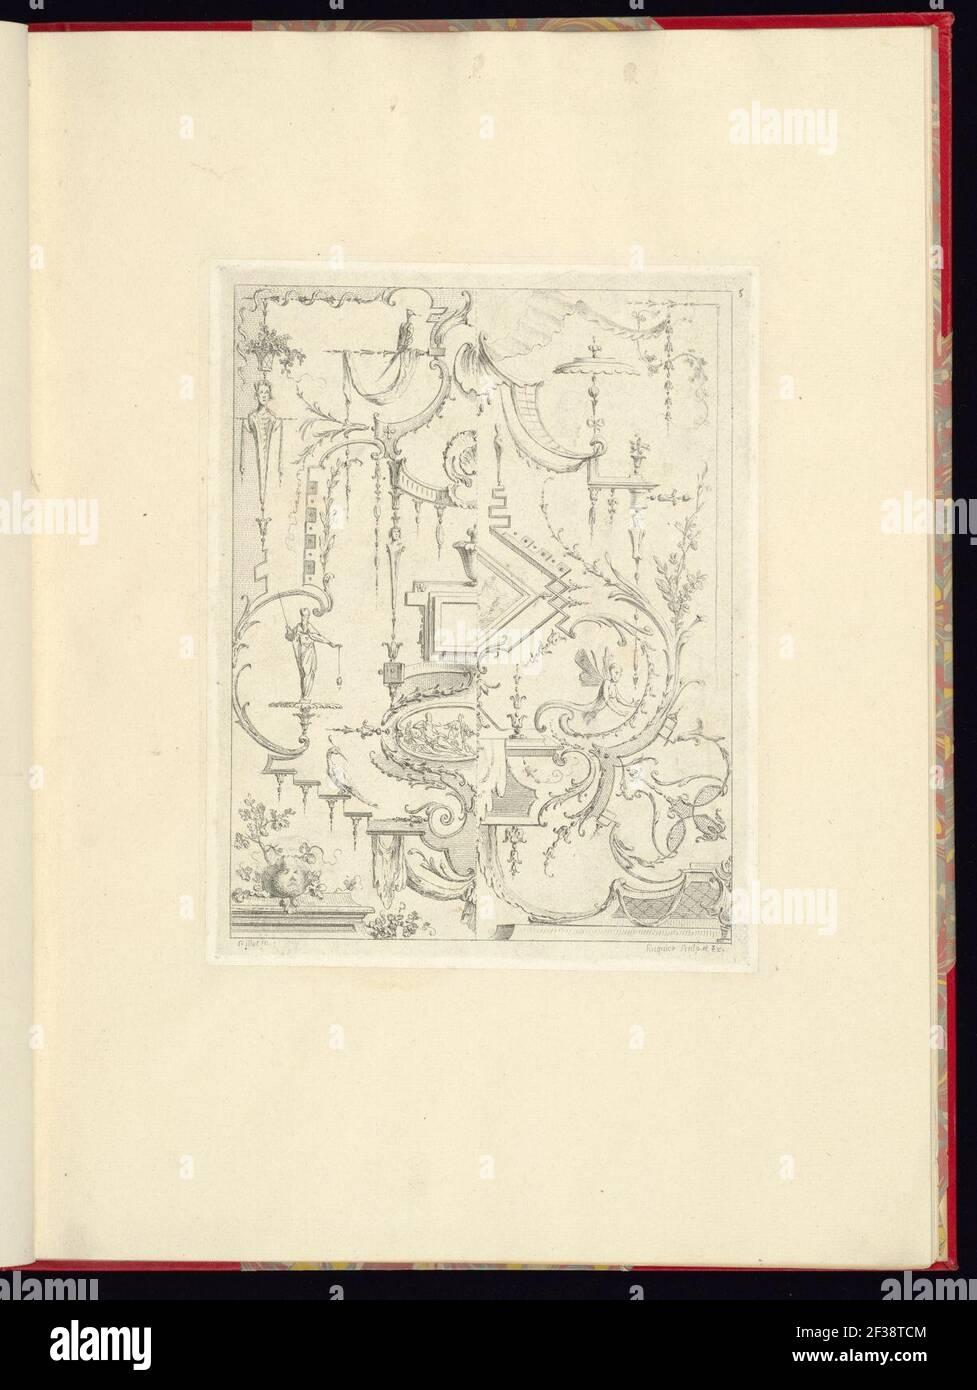 Stampa, Nouveau livre de principes d'ornements particulièrement pour trouver un nombre infini de formes qui dependent, d'après les dessins de Gillot. Peintre du Roy, gravé par Huquier; pl. 5 Foto Stock